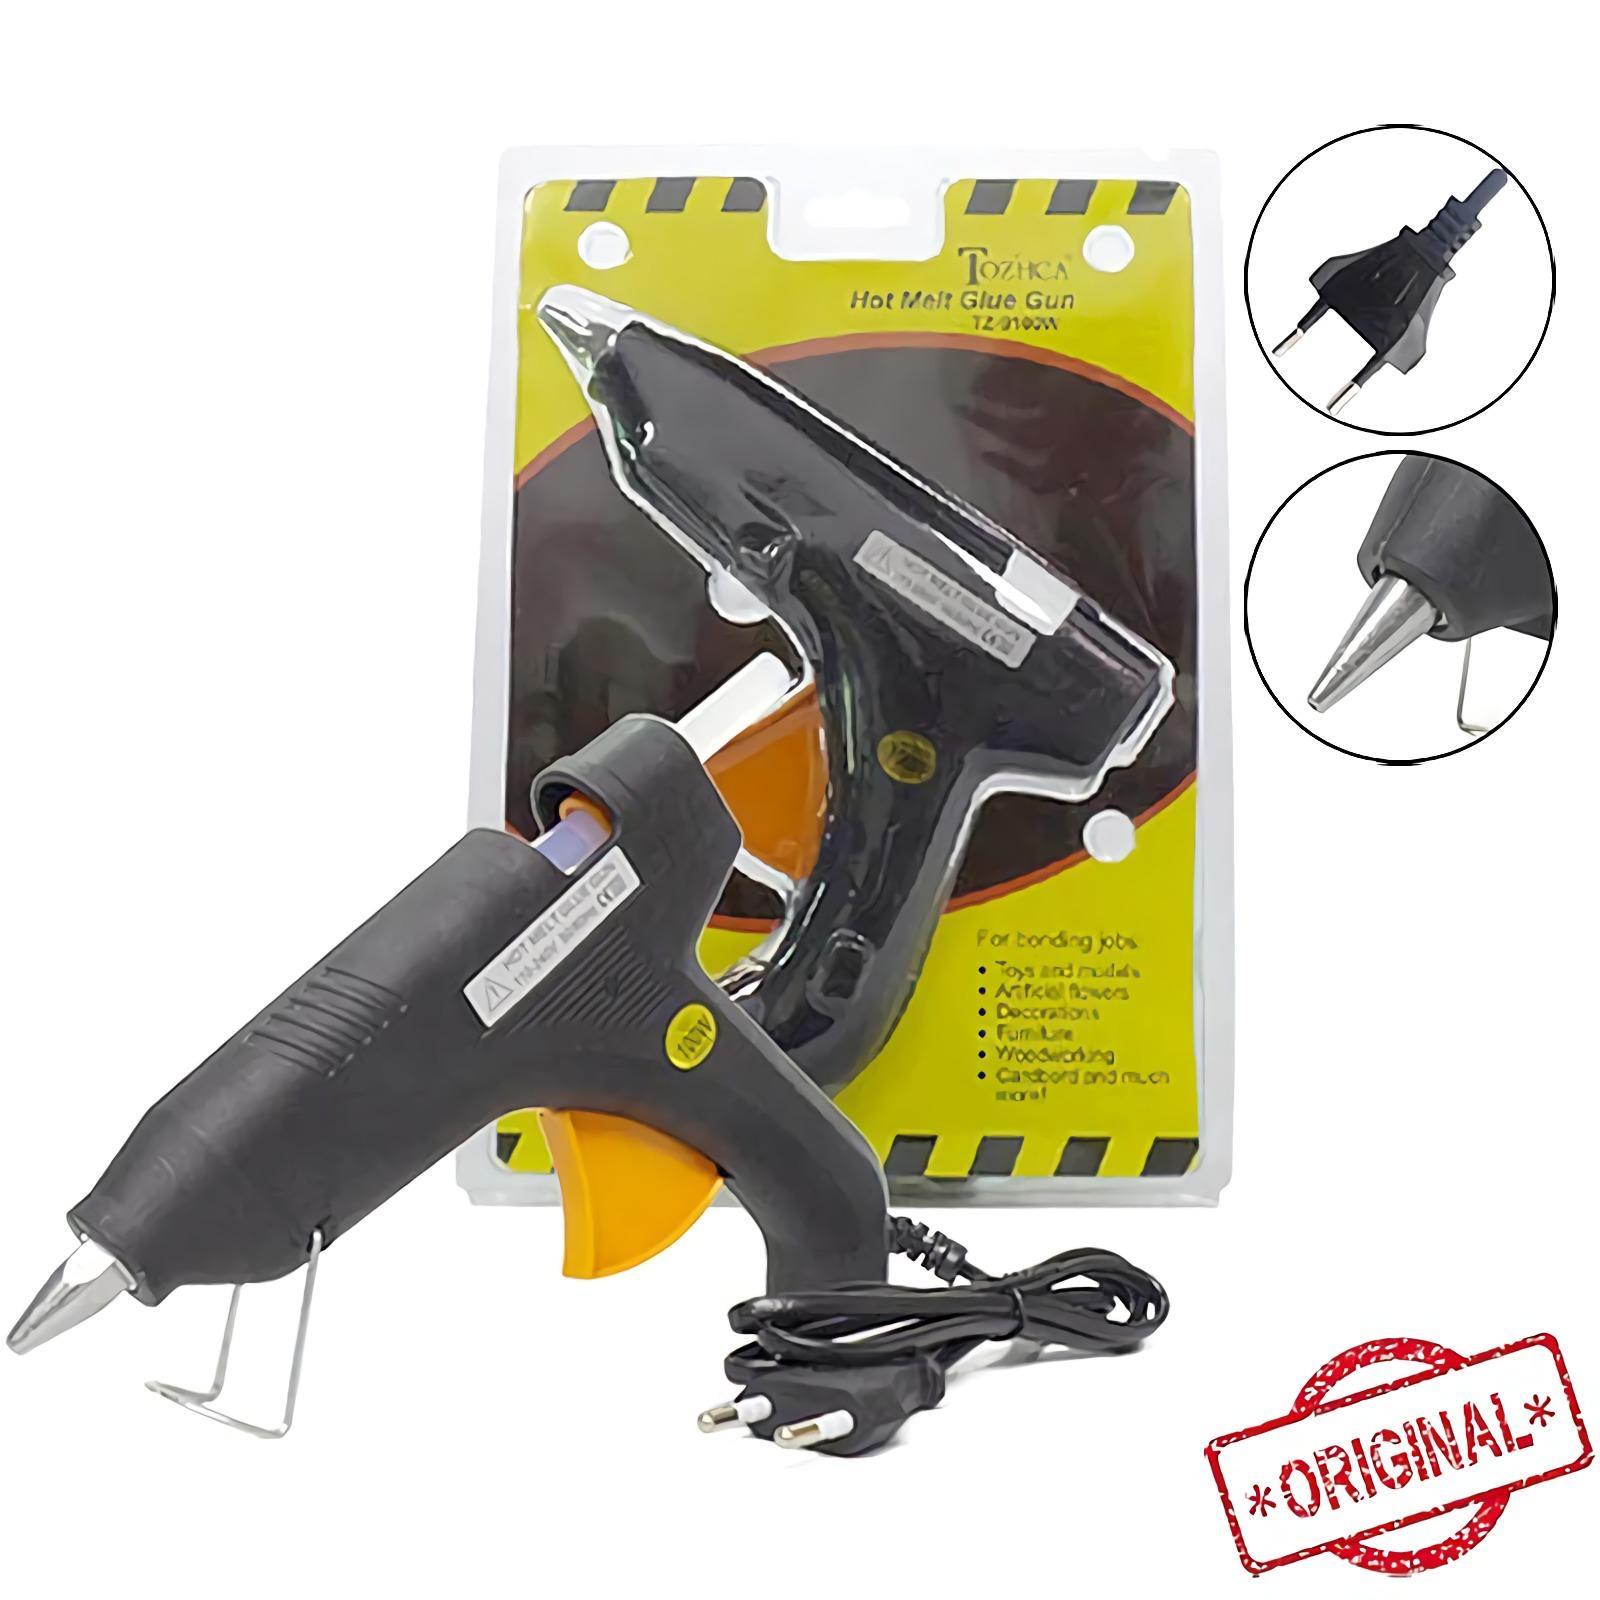 OHOME Alat Lem Tembak 100 Watt Glue Gun Set MS-TZ-9100W Hitam